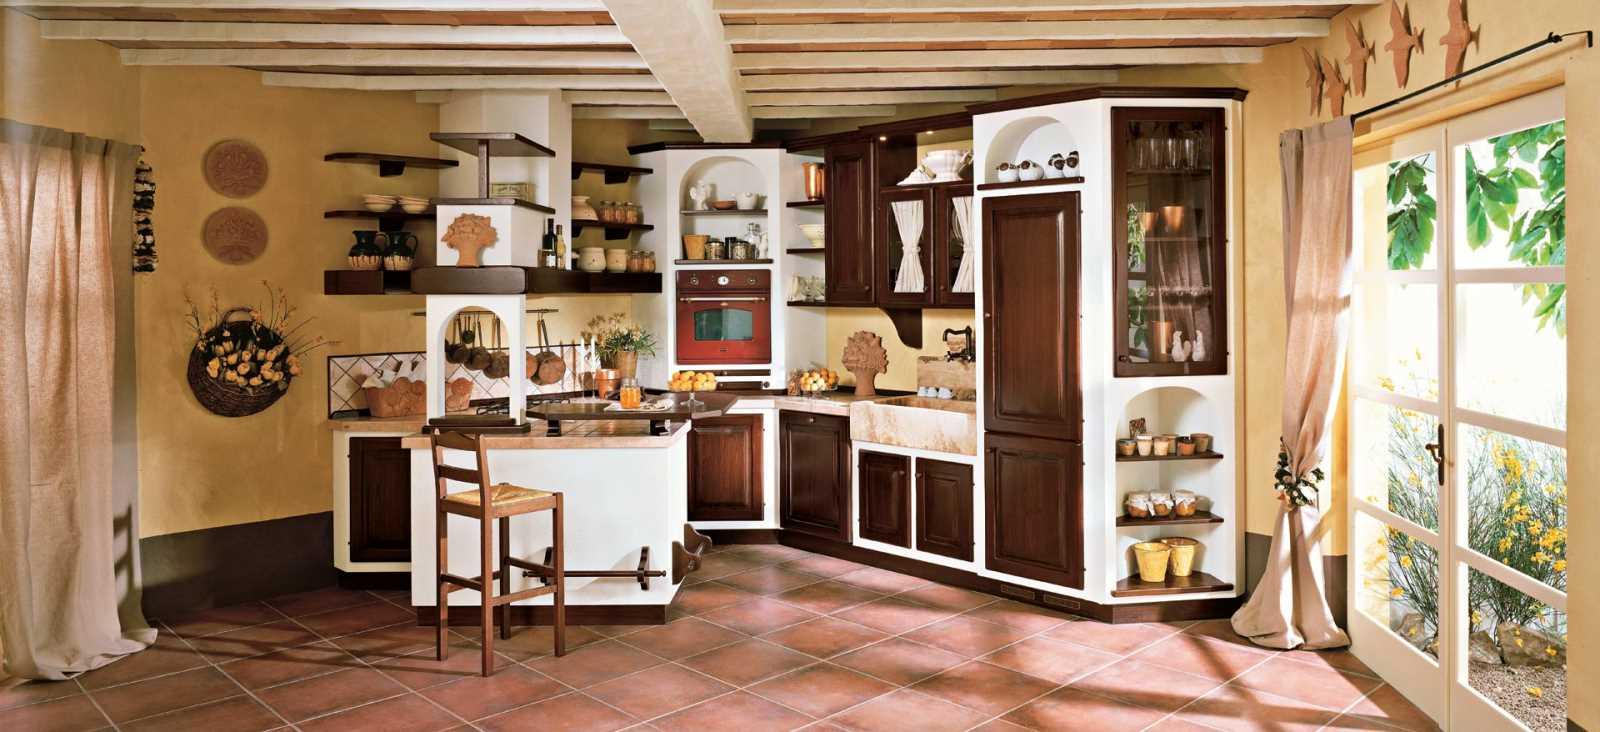 cucina zappalorto modello paolina